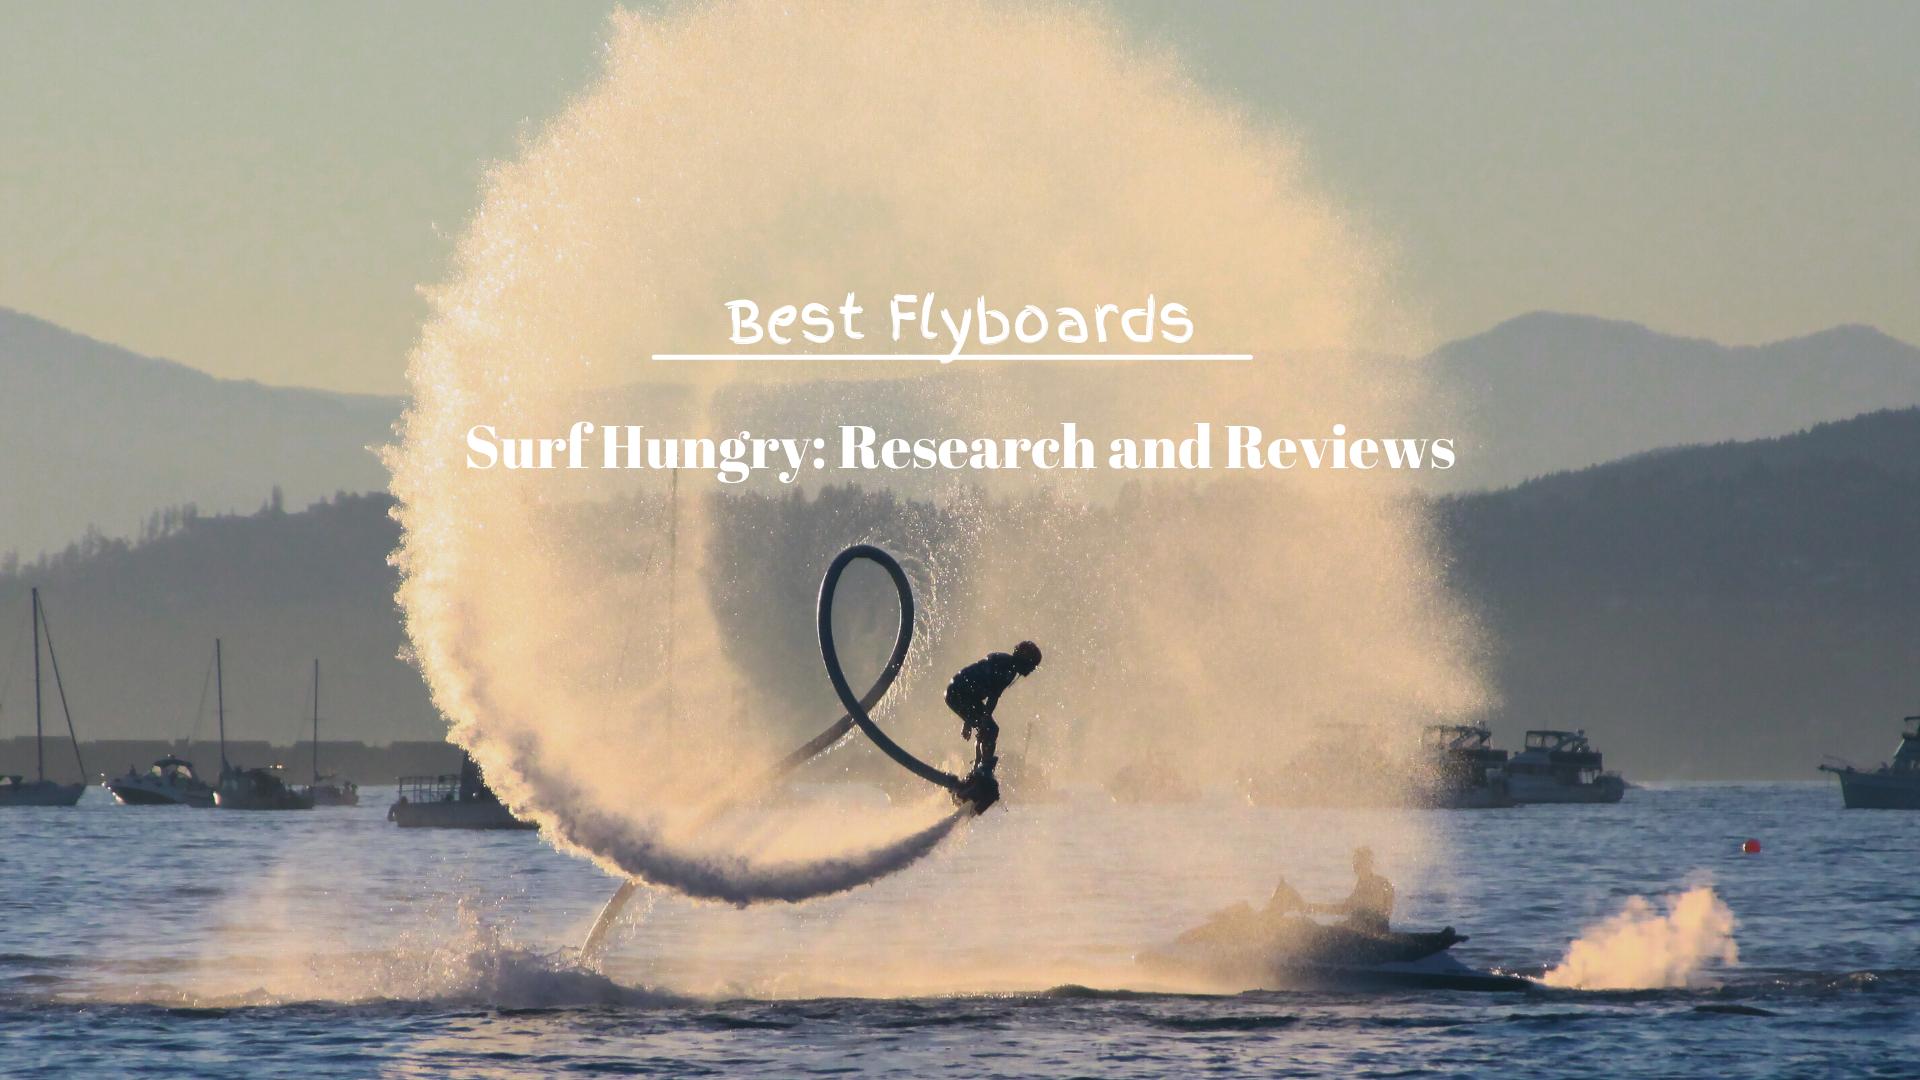 Best Flyboards